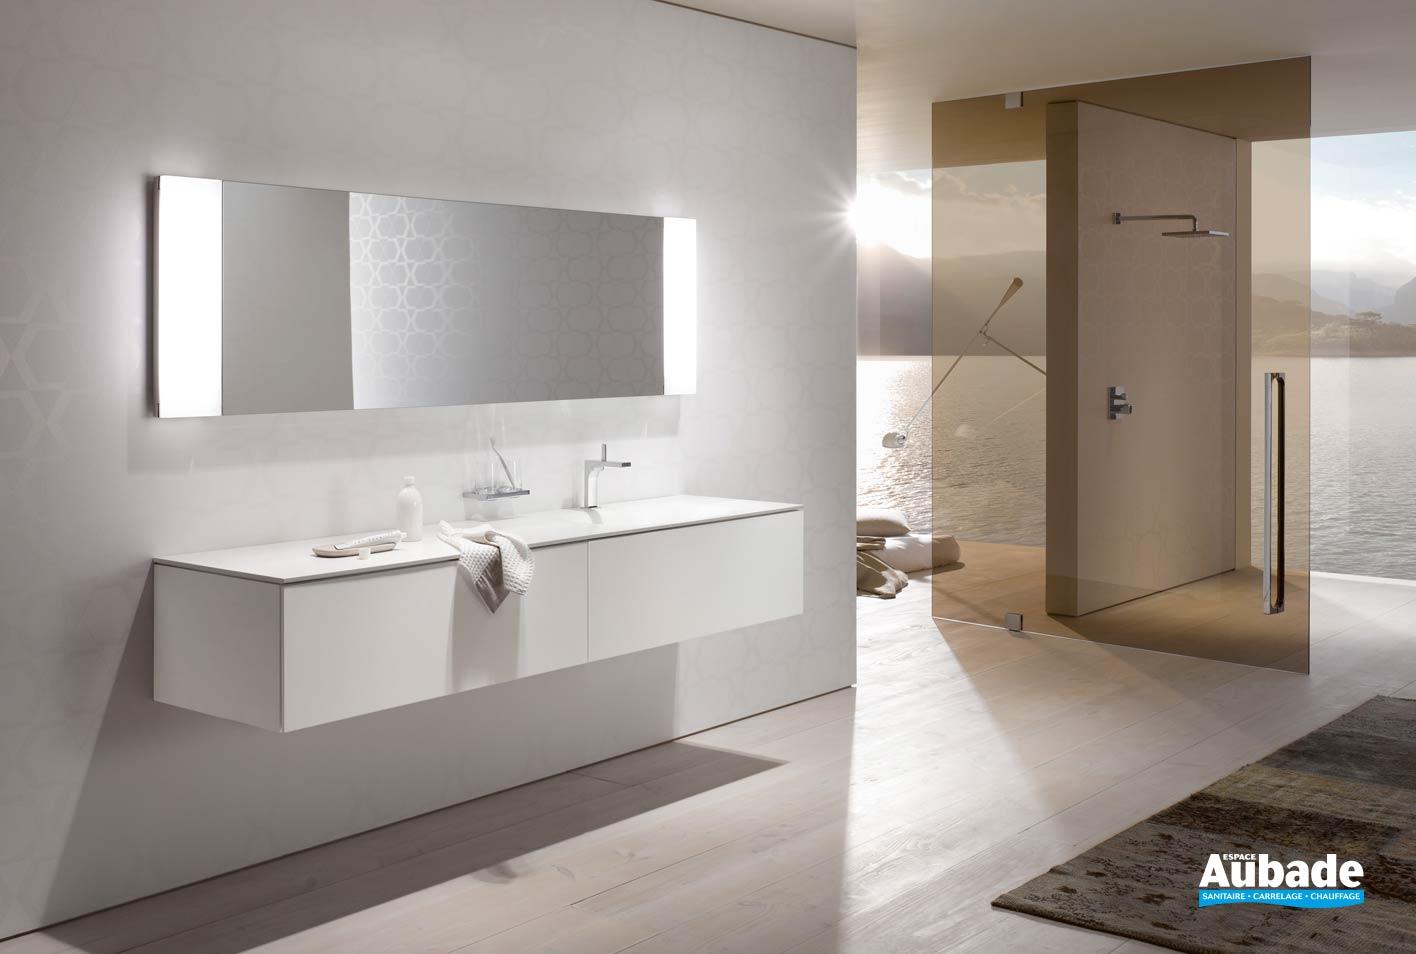 Design Meubles Keuco Salle De Bains